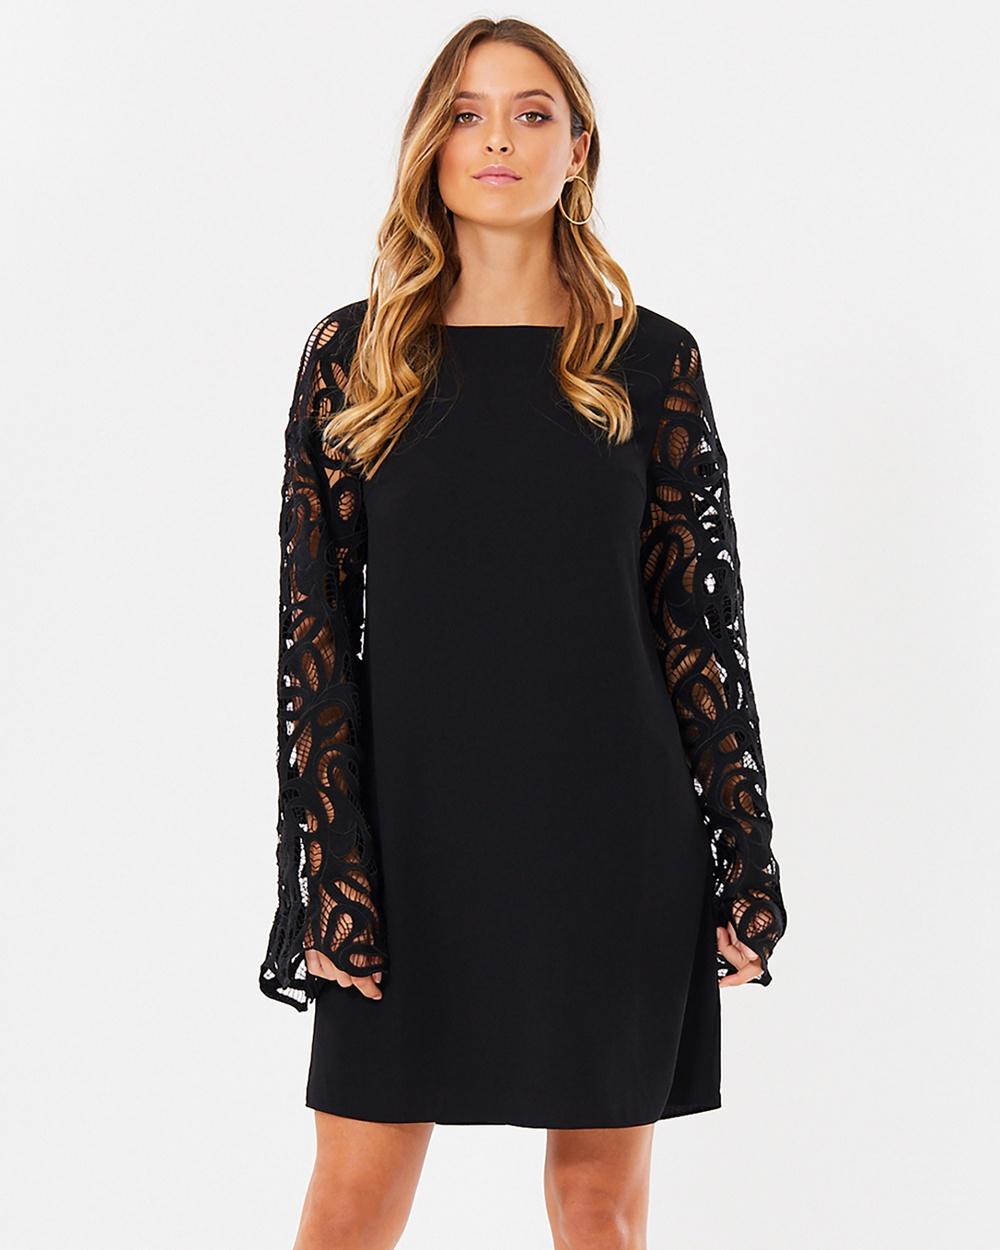 Calli Caryle Dress Dresses Black Caryle Dress